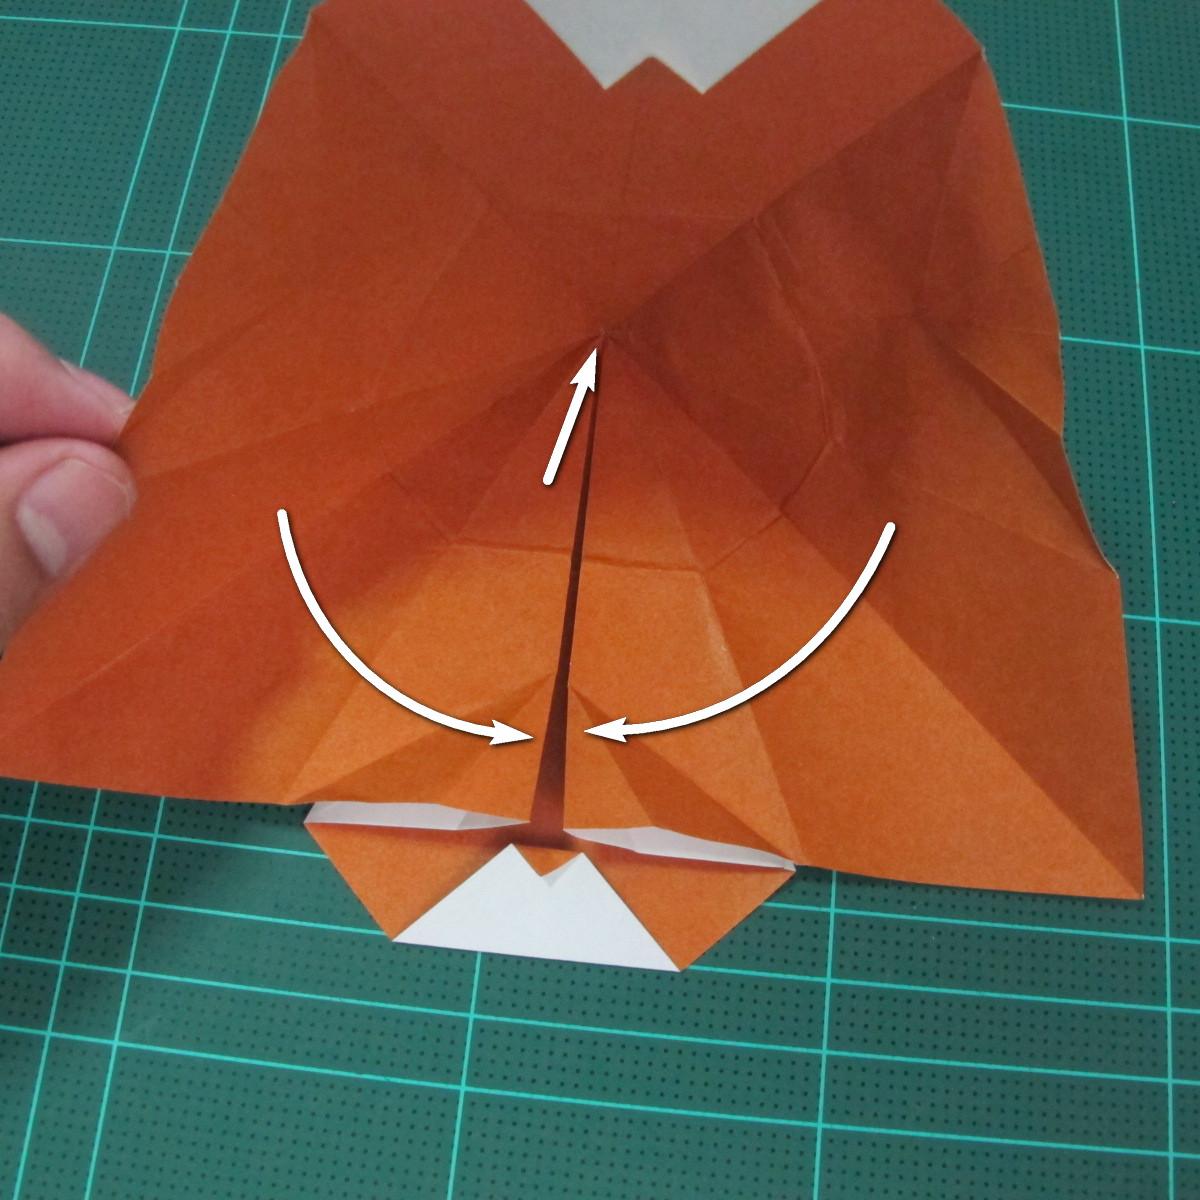 การพับกระดาษเป็นที่คั่นหนังสือหมีแว่น (Spectacled Bear Origami)  โดย Diego Quevedo 018